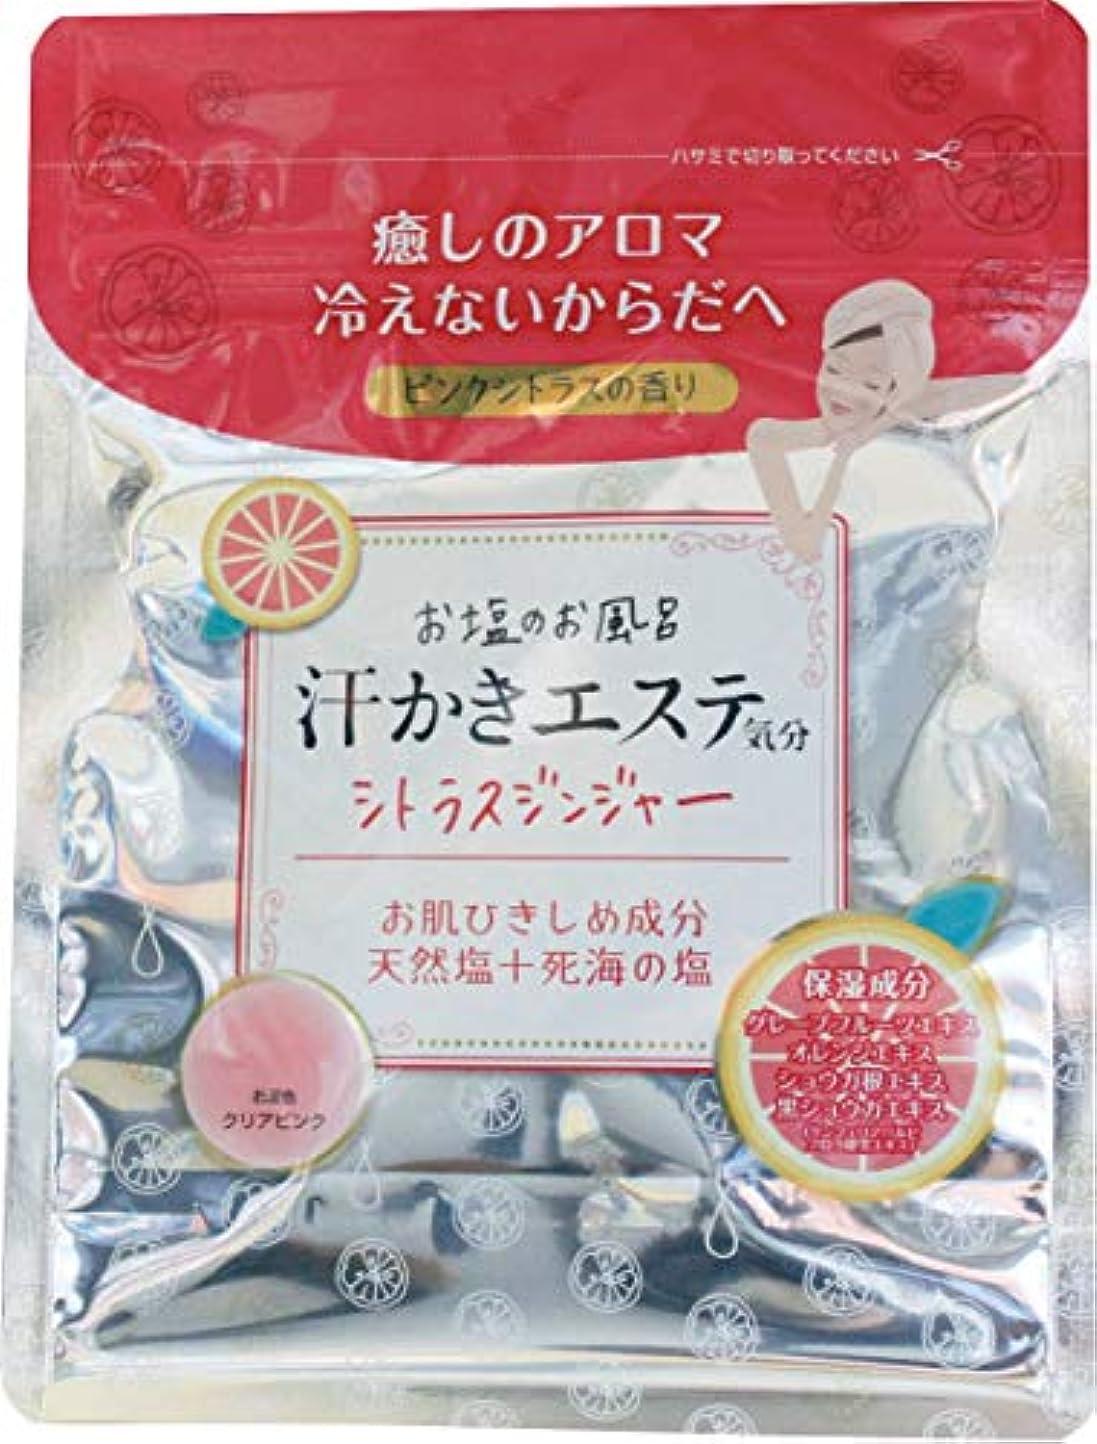 家事カヌーアフリカマックス 汗かきエステ気分 シトラスジンジャー 入浴剤 500g